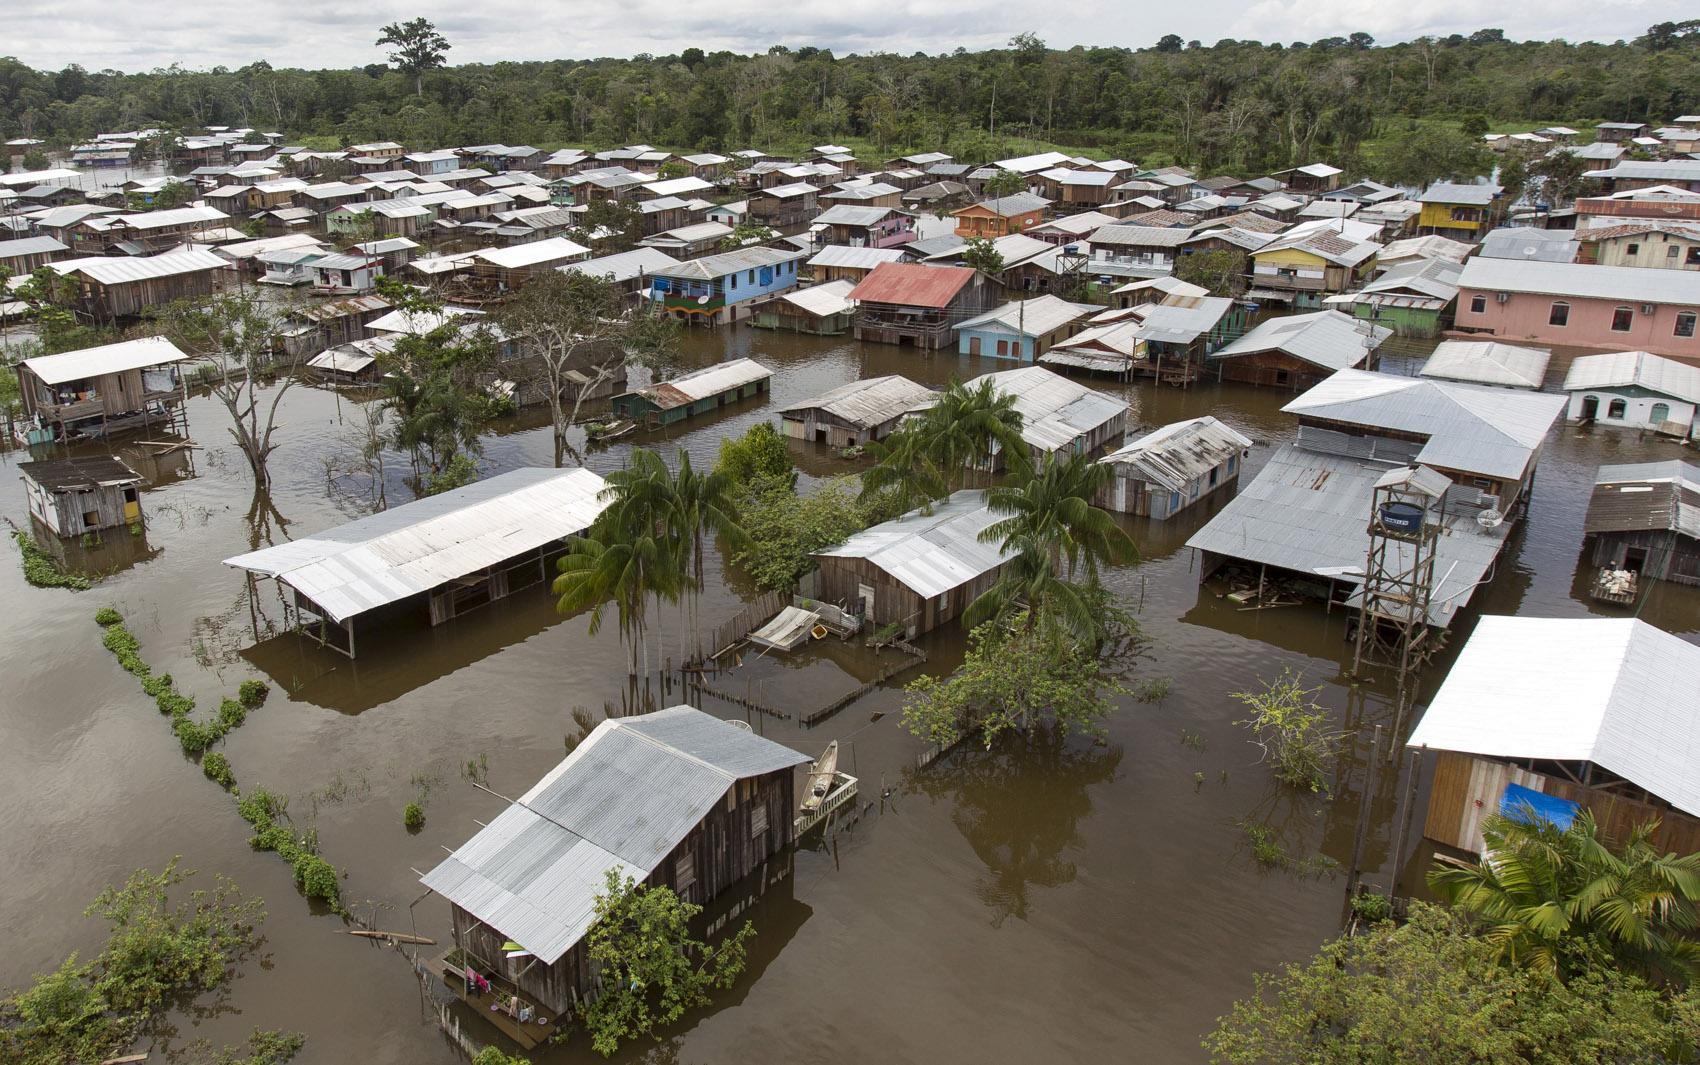 Vista da cidade alagada pela cheia do Rio Solimões, uma das ramificaçõse do Rio Amazonas, em Anamã. De acordo com a defesa civil mais de 237 mil pessoas foram afetaads pelas chuvas em todo o estado